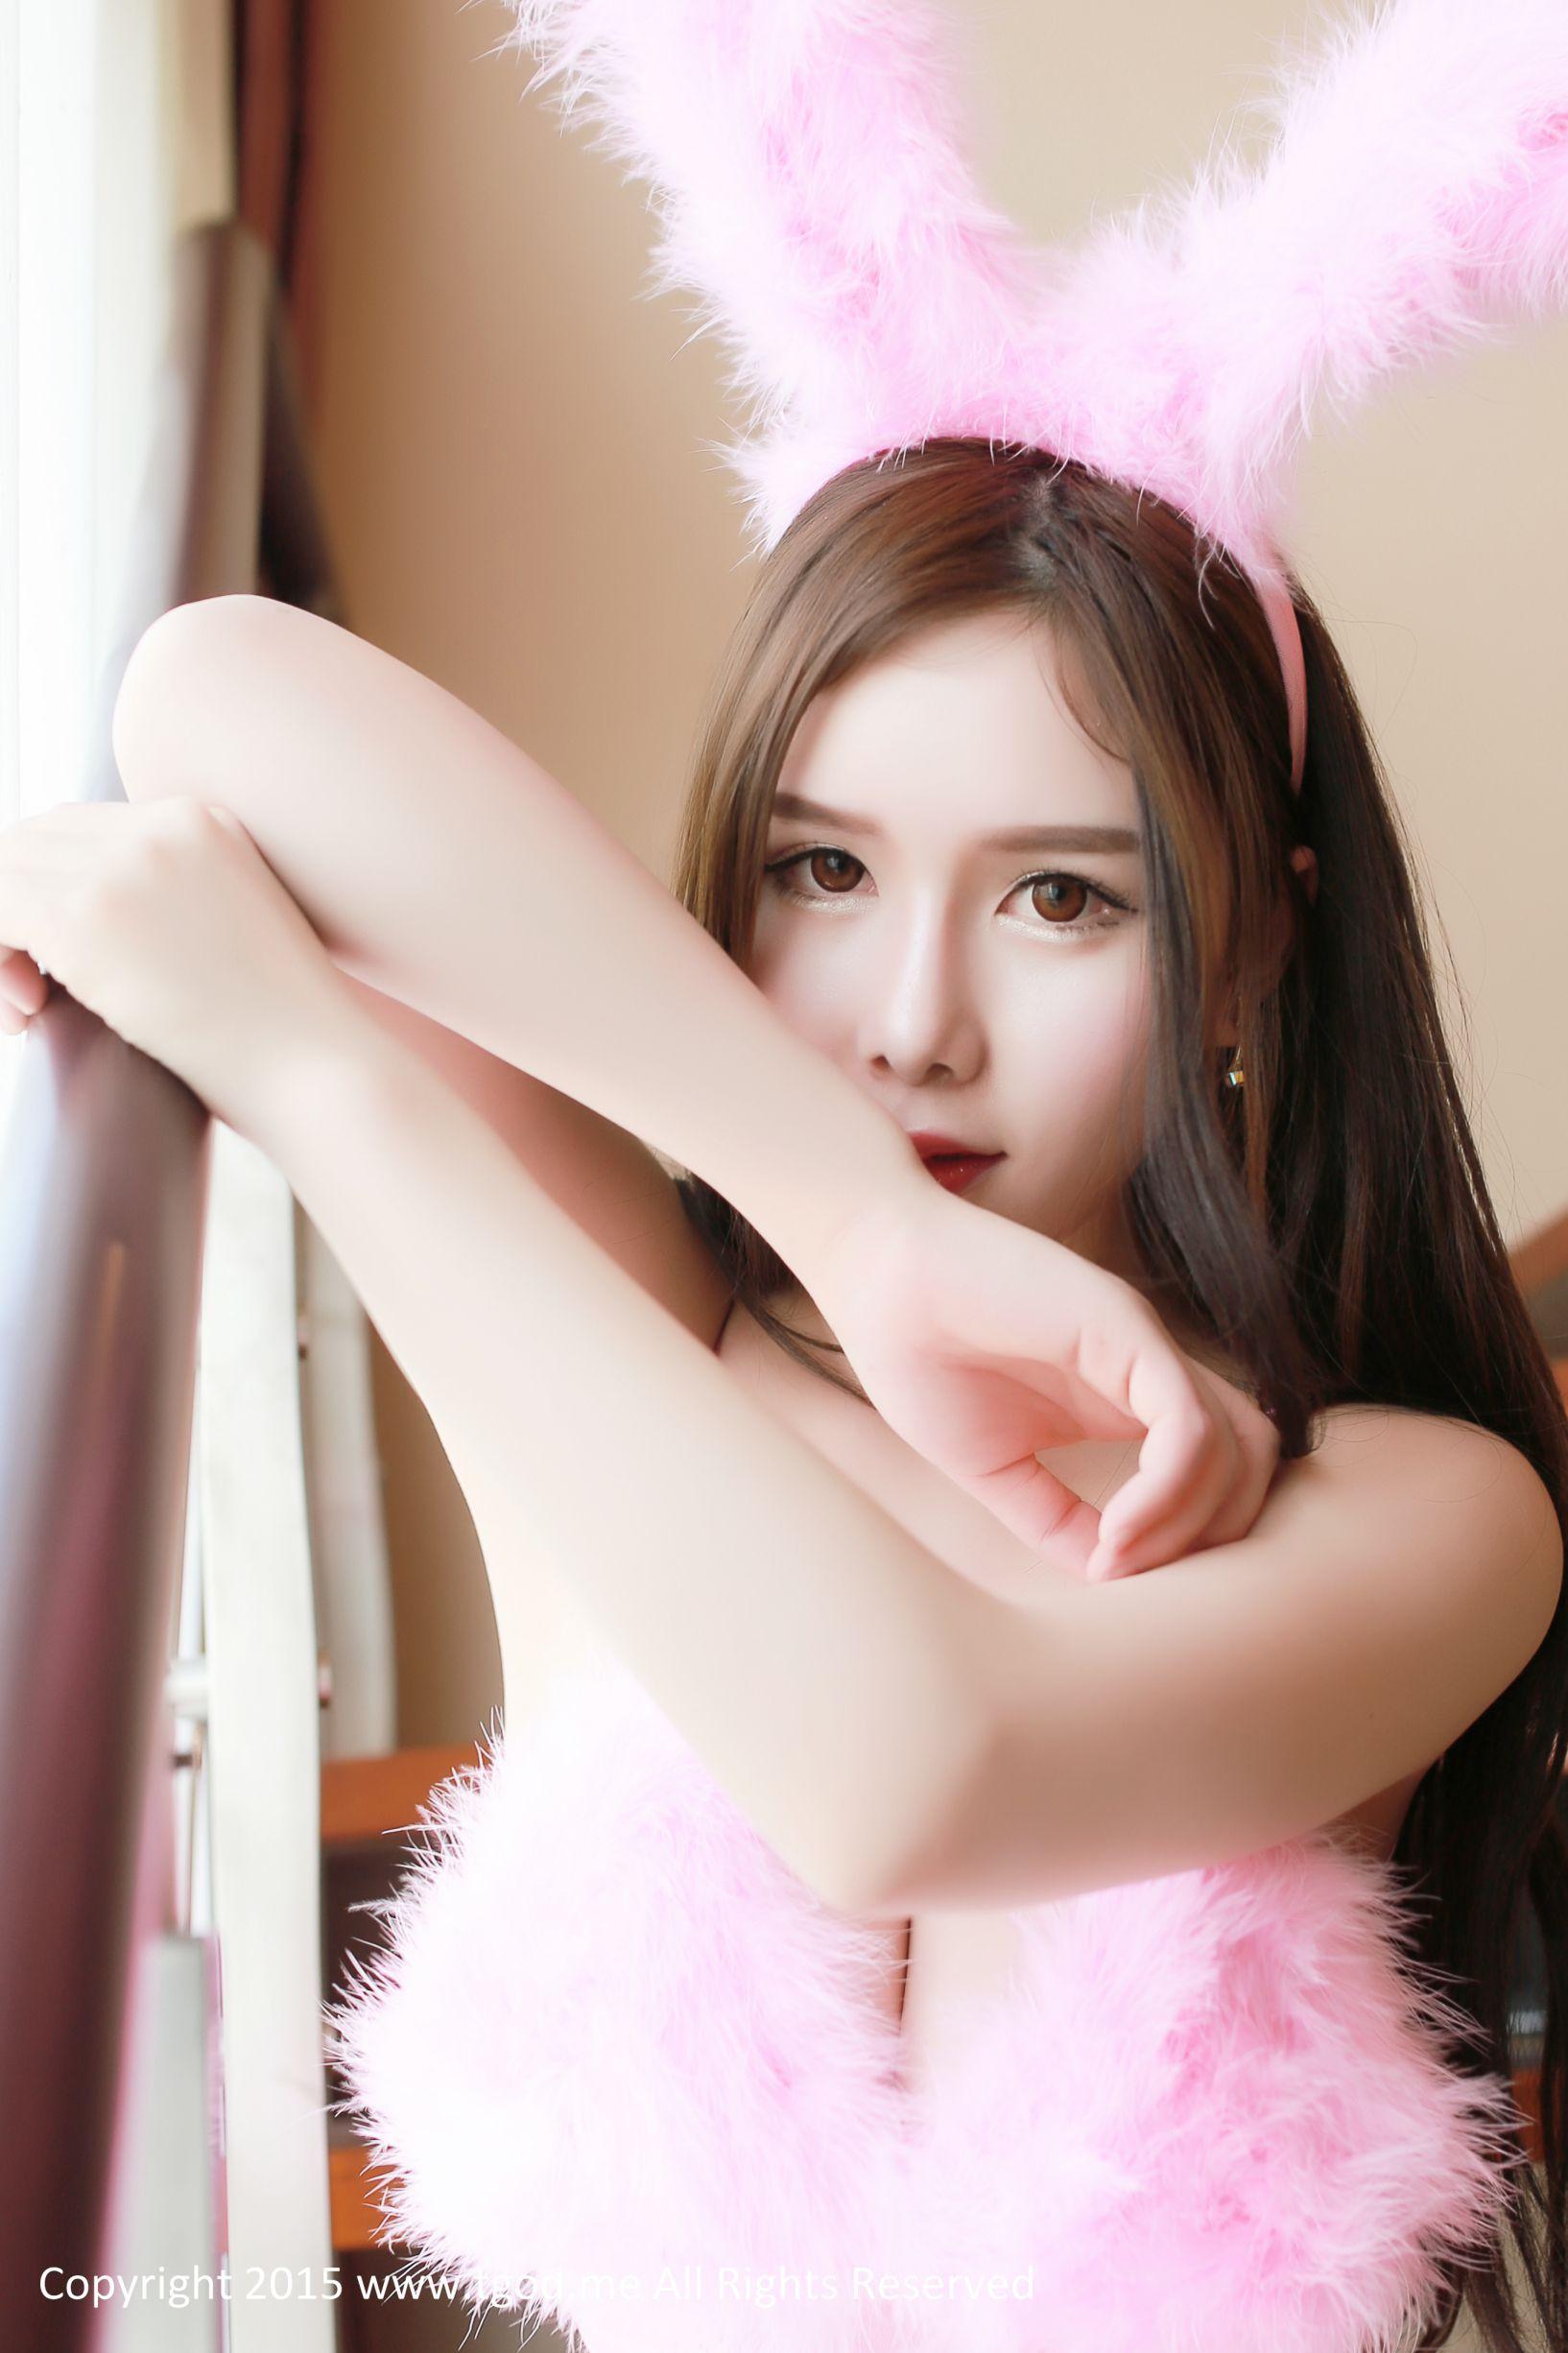 [推女神] 于姬 粉红兔女郎 高清写真套图